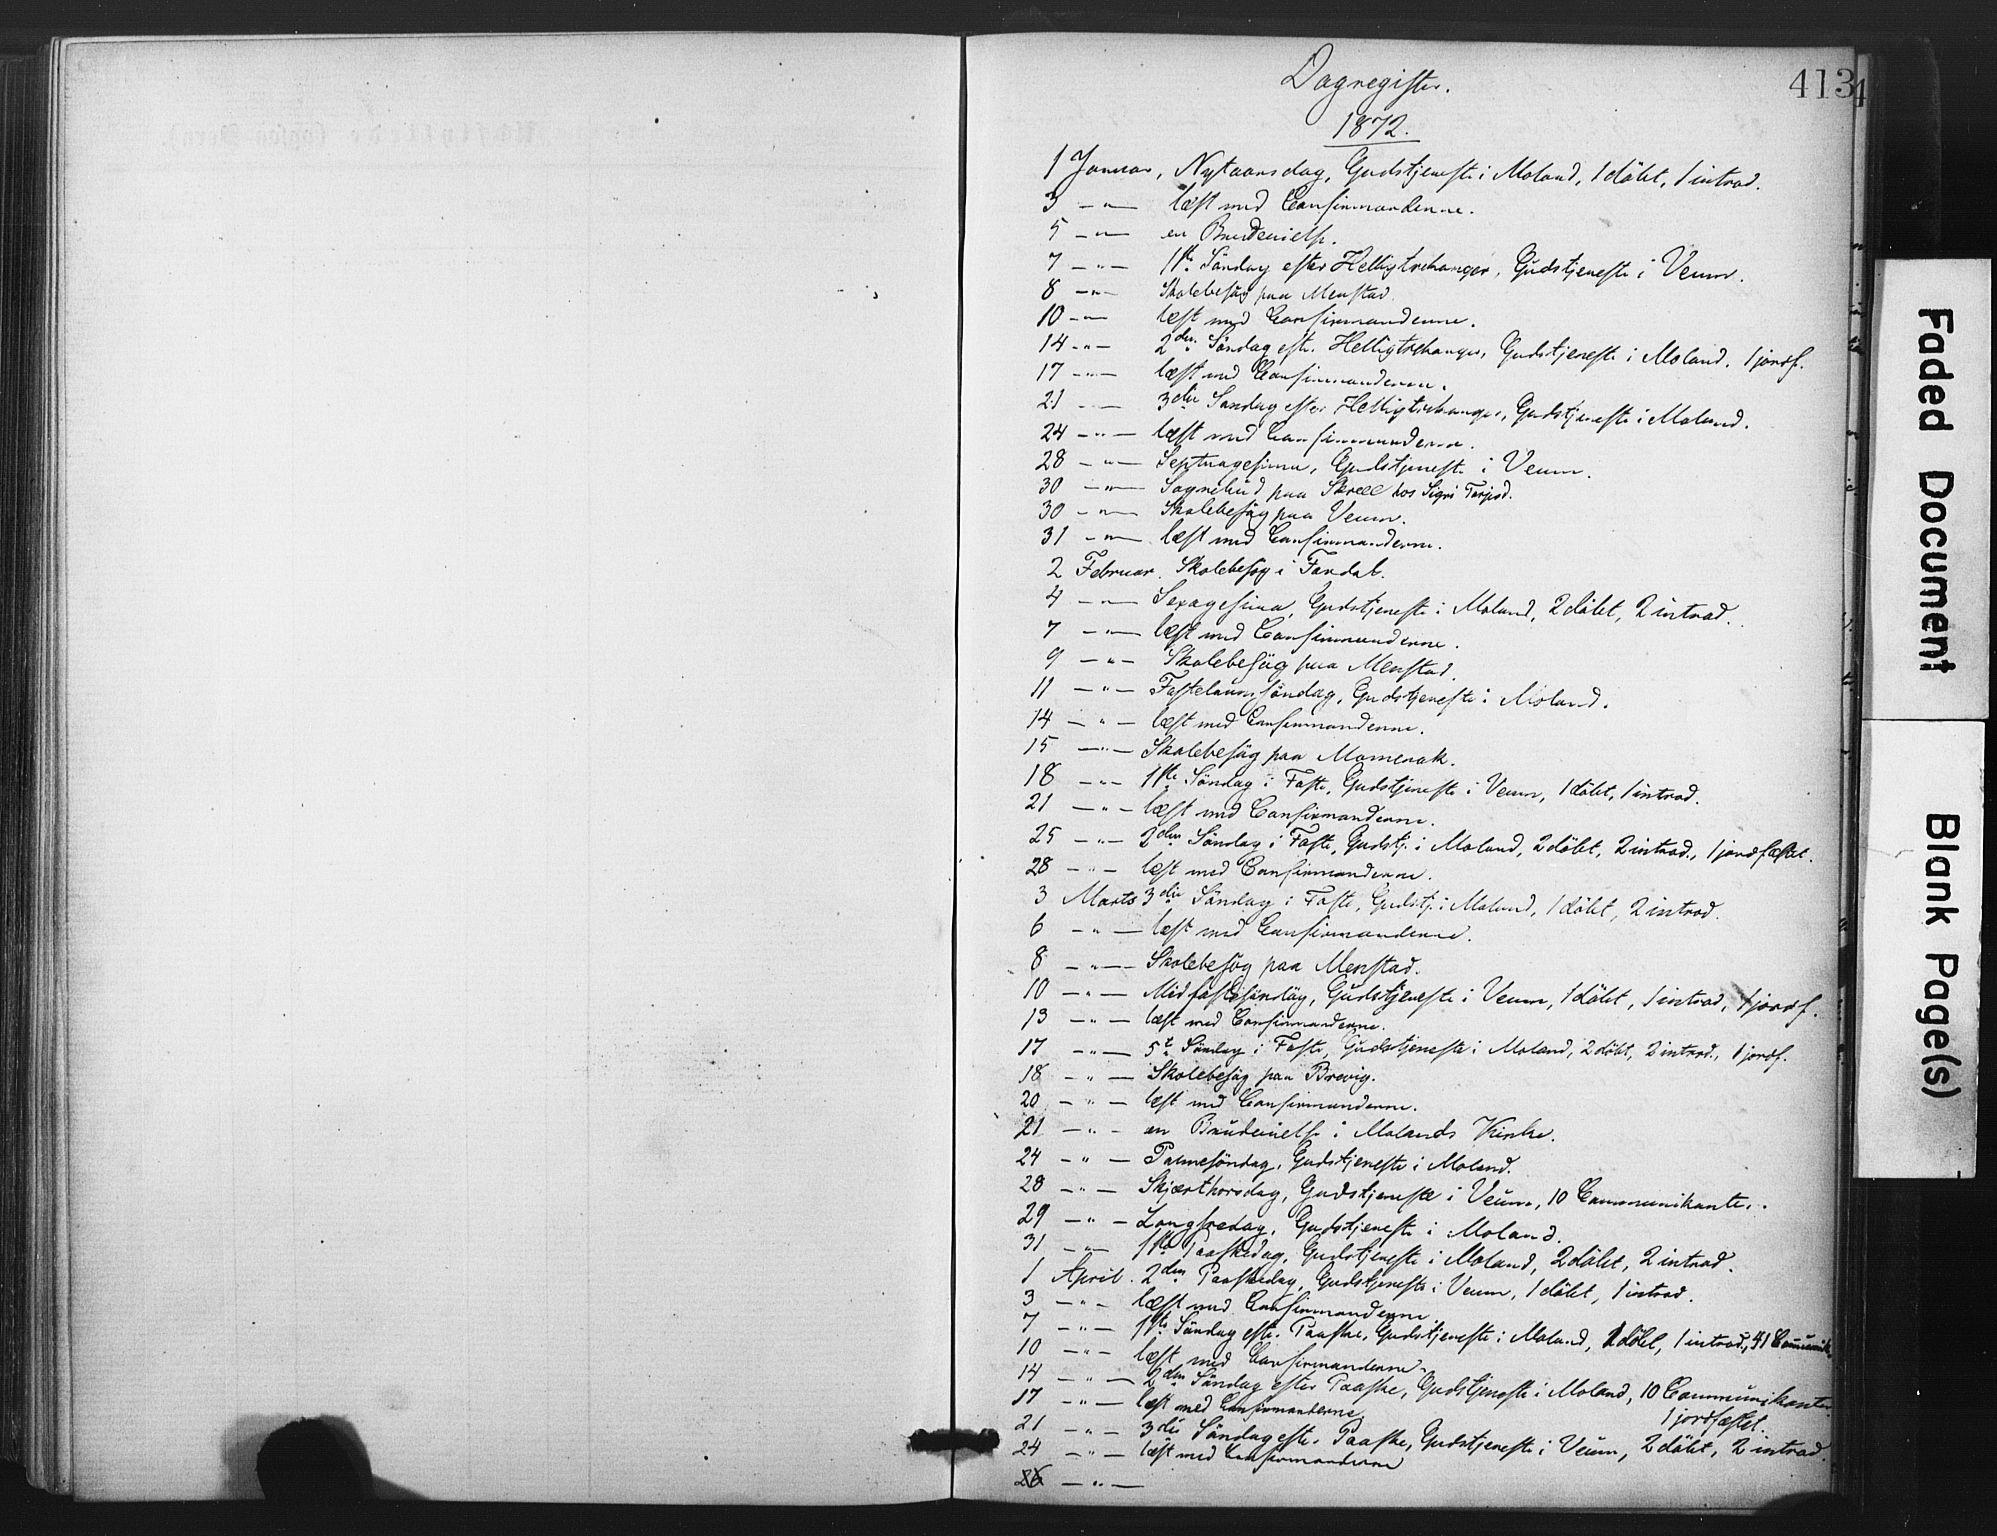 SAKO, Fyresdal kirkebøker, F/Fa/L0006: Ministerialbok nr. I 6, 1872-1886, s. 413